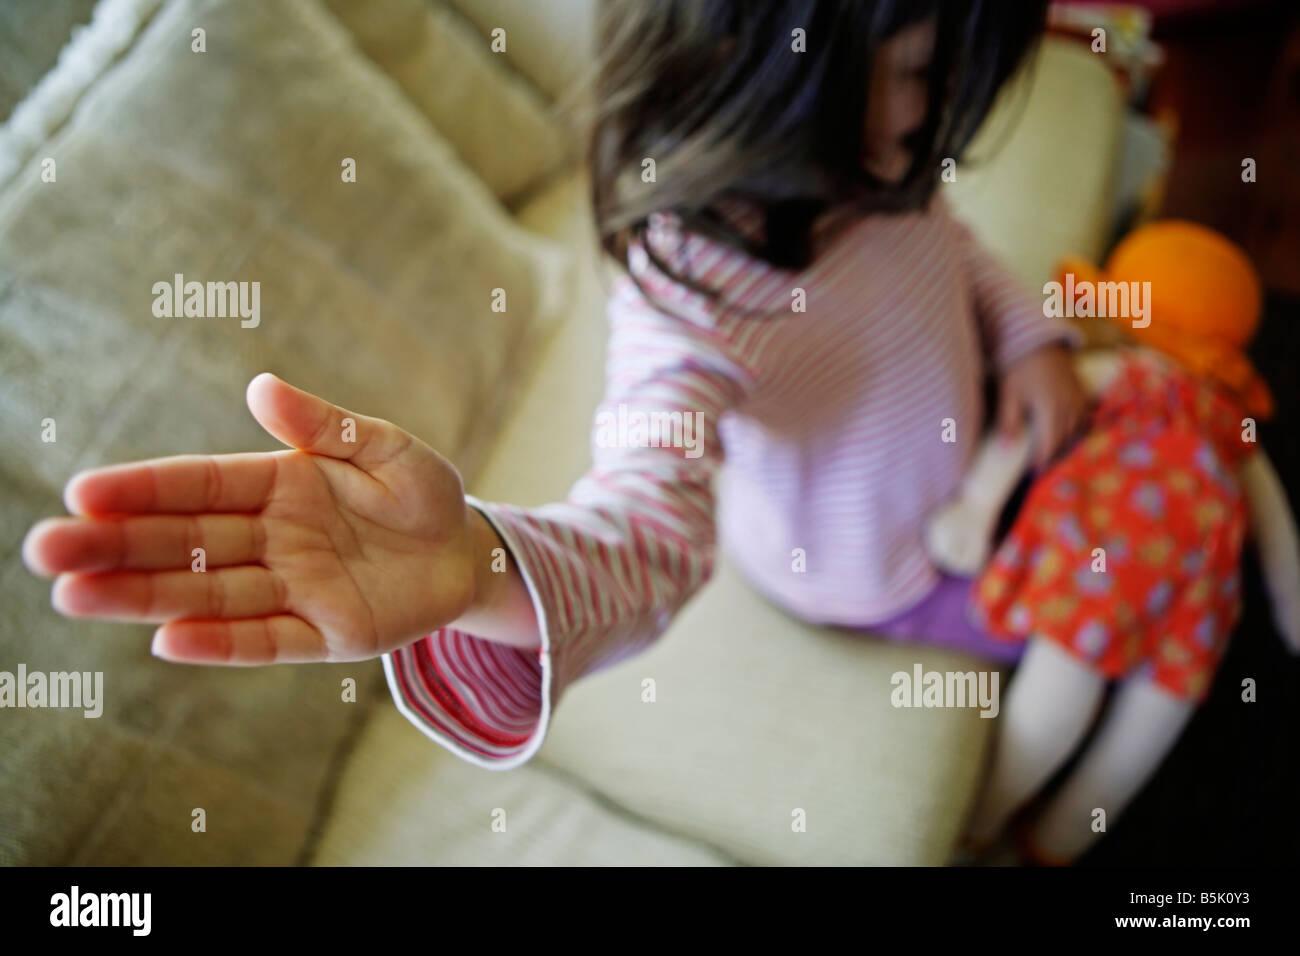 Petite fille de cinq ans a des relents doll Banque D'Images